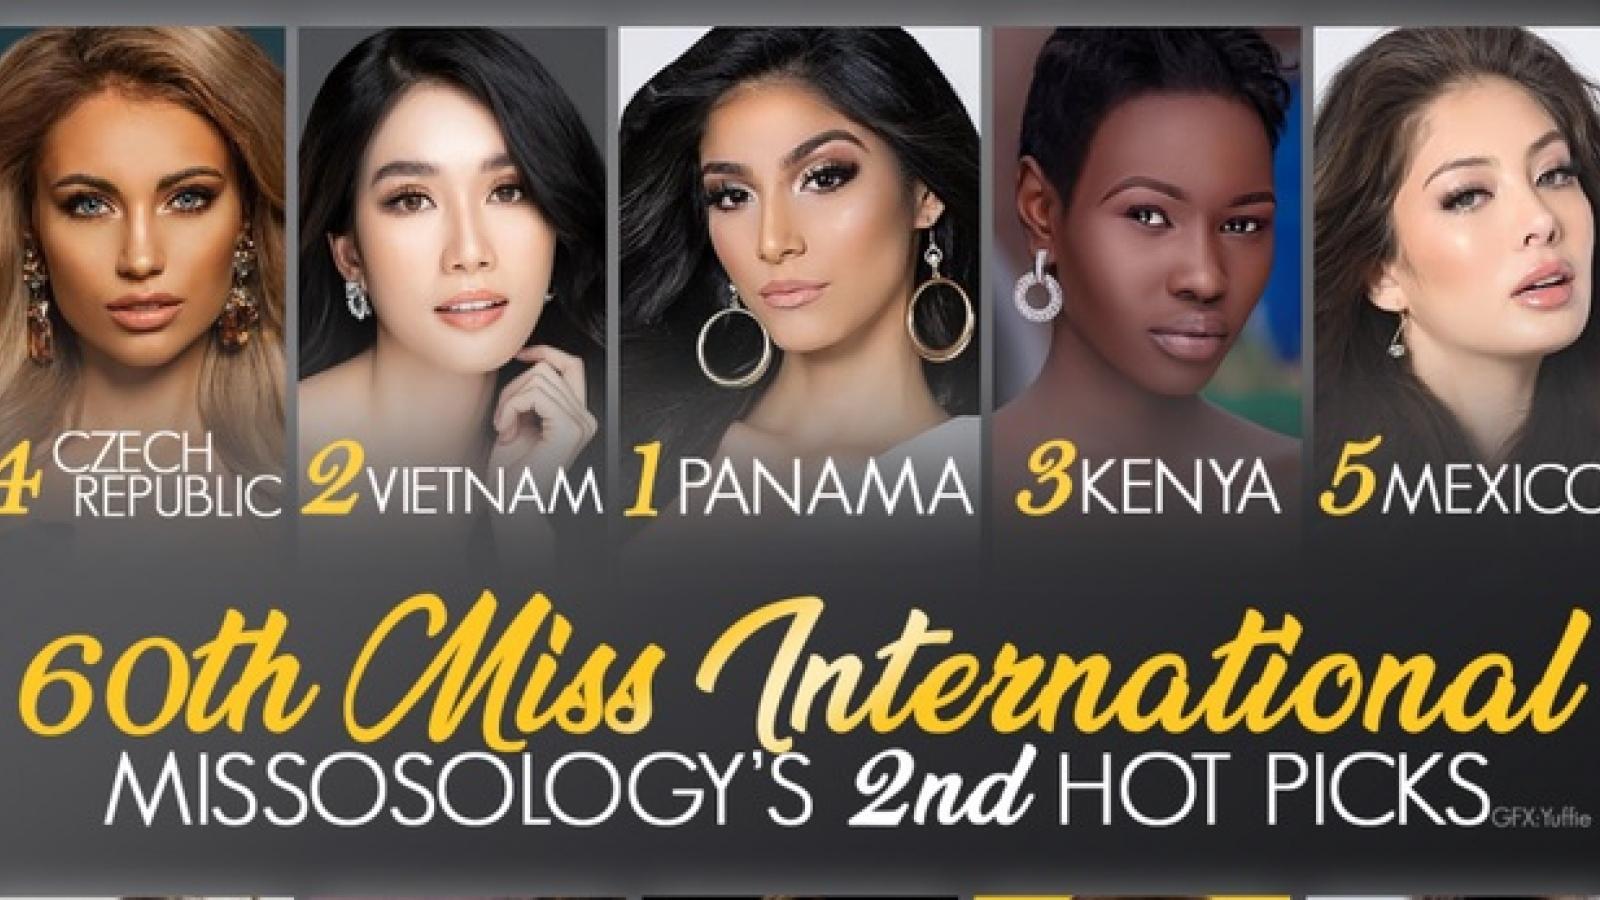 Missosology dự đoán top 3 Miss International, Phương Anh giành ngôi Á hậu 1